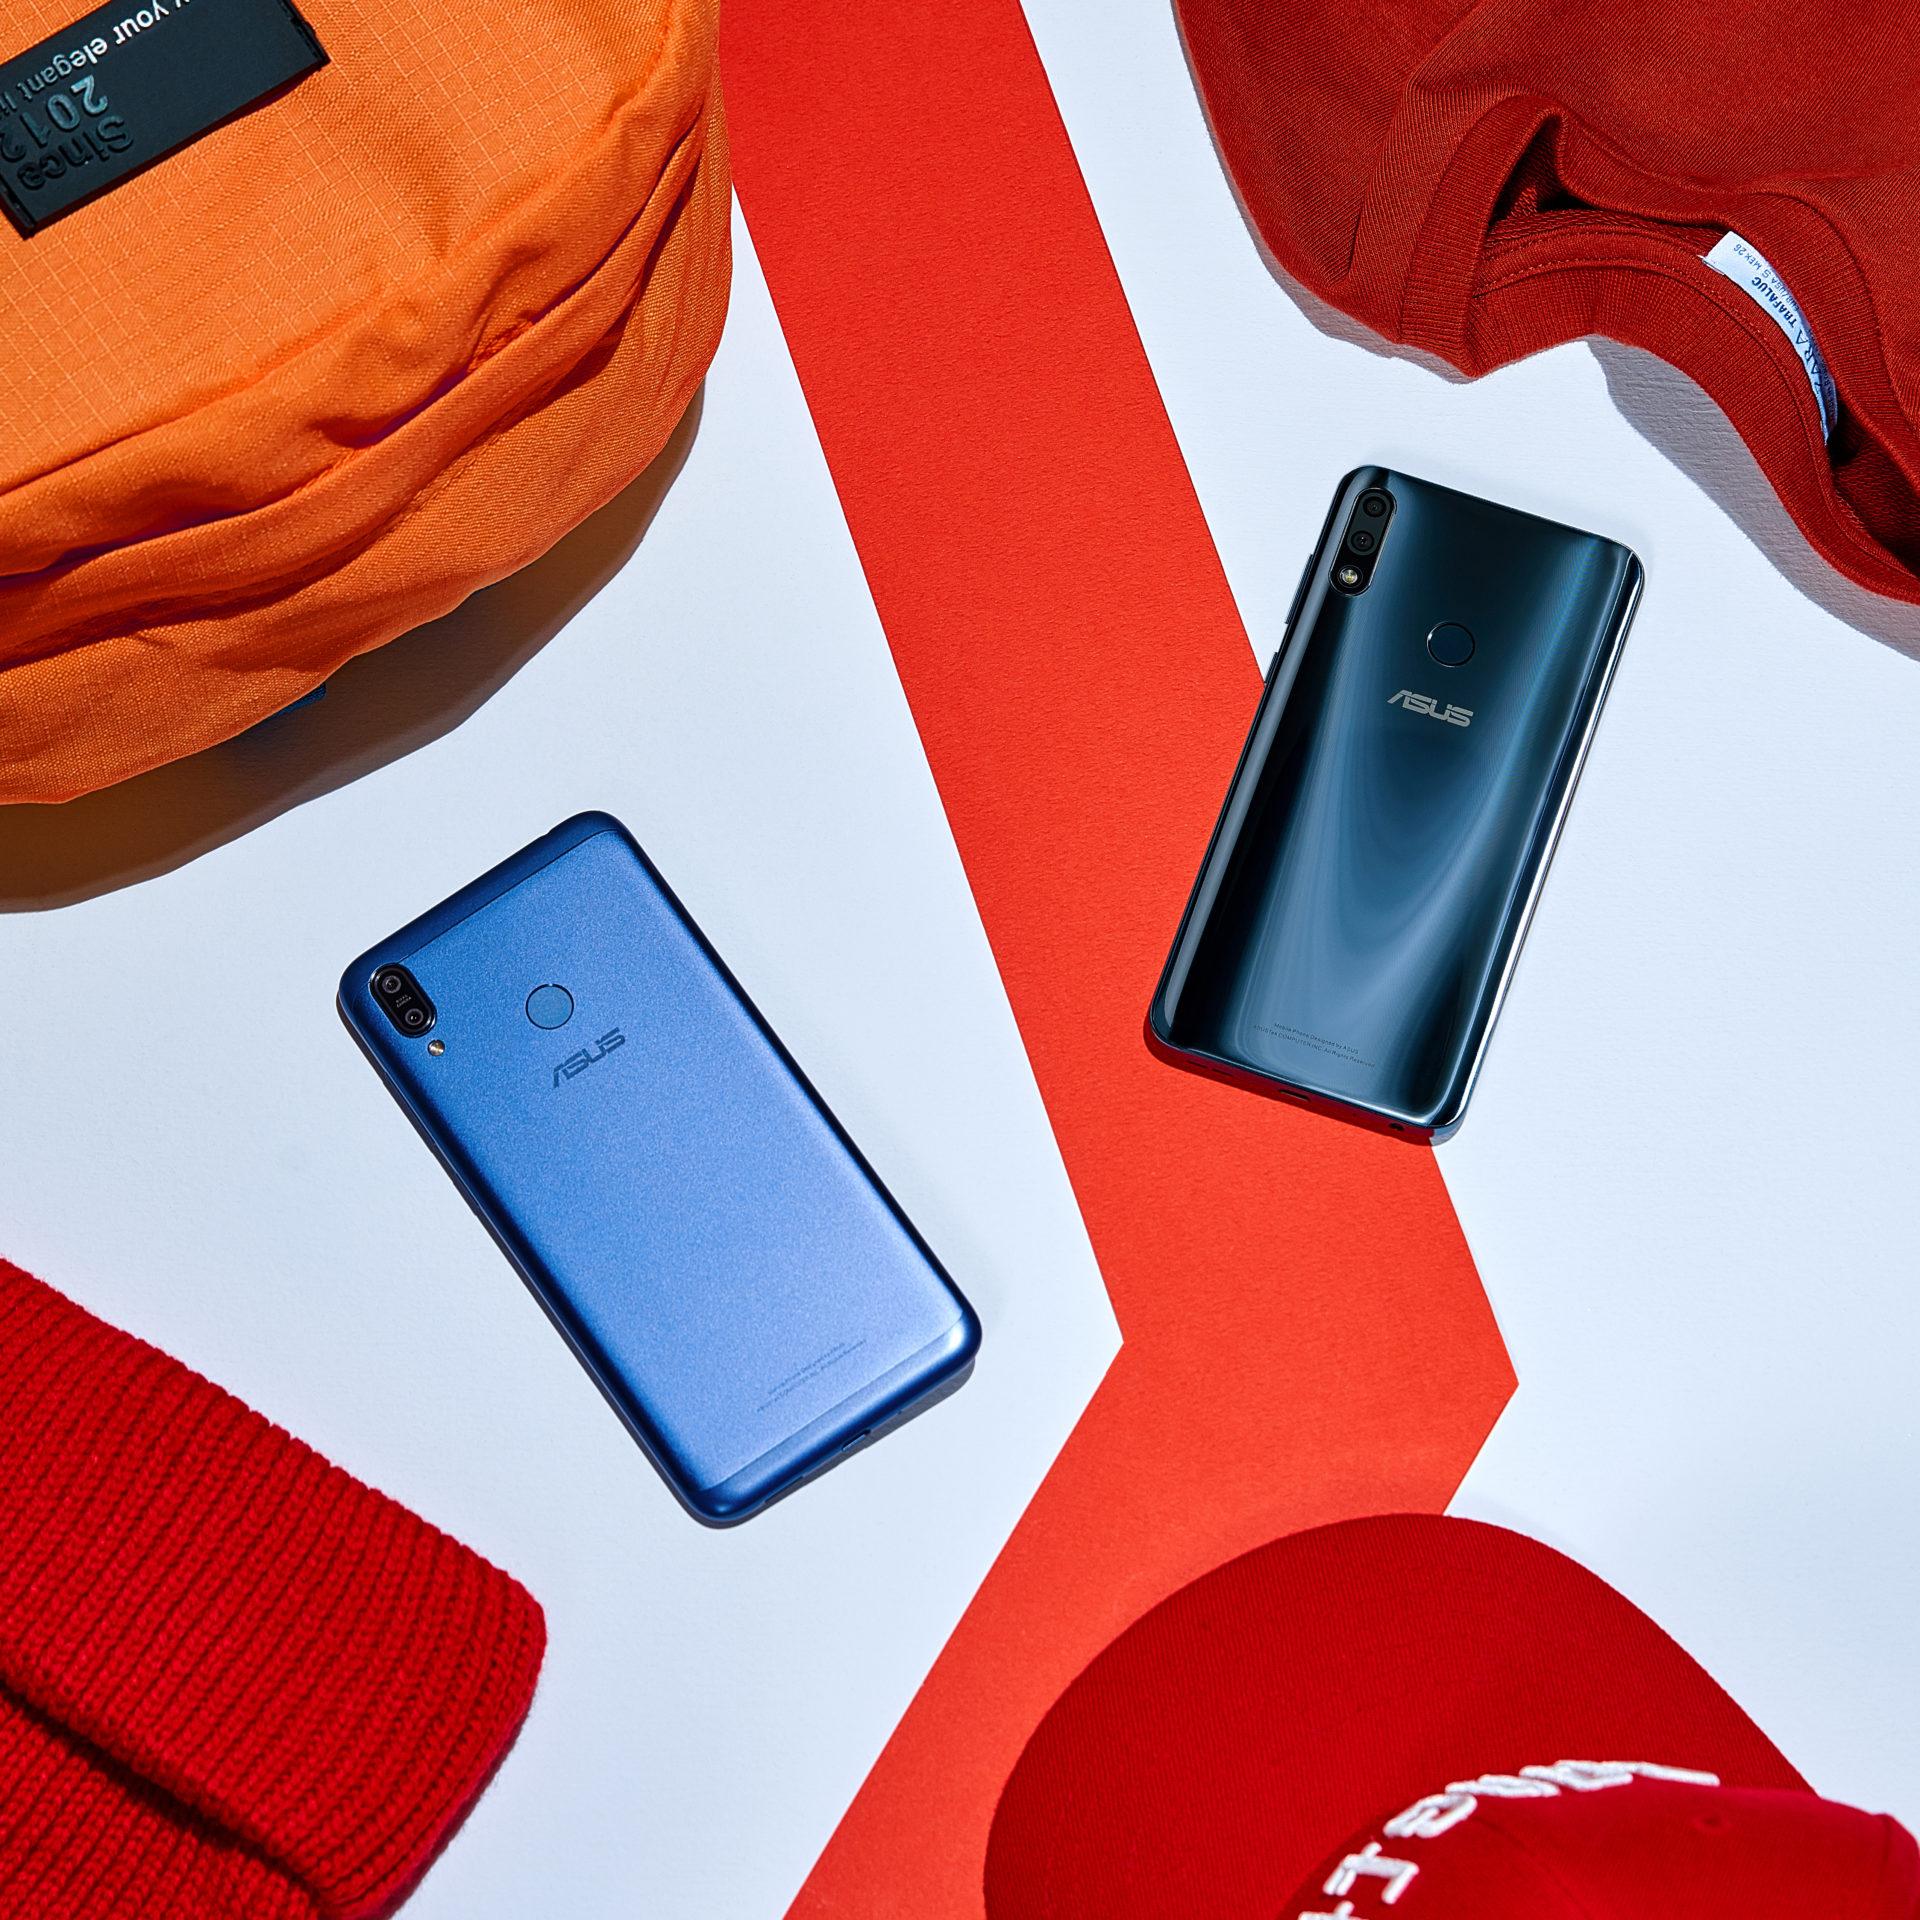 Lo smartphone Zenfone Max M2 di Asus